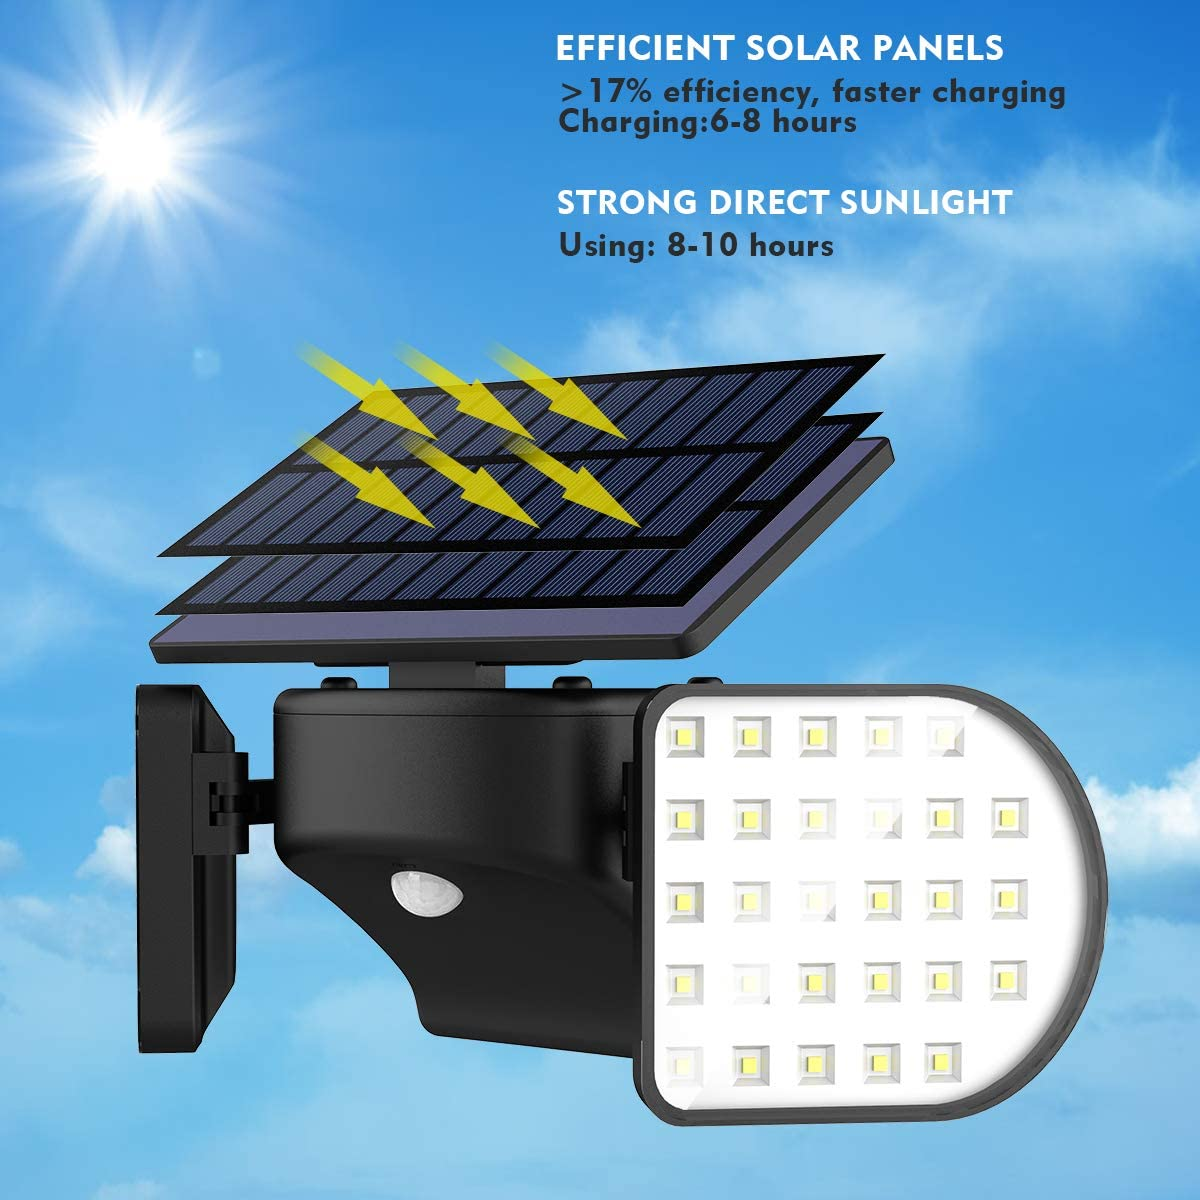 JBHOO 56 LED Solarleuchte Aussen mit Bewegungssensor Dual Kopf Strahler IP65 Wasserdicht 360/°Einstellbare Solar Wandleuchte f/ür Haust/ür Garten Patio Solarleuchte f/ür Au/ßen